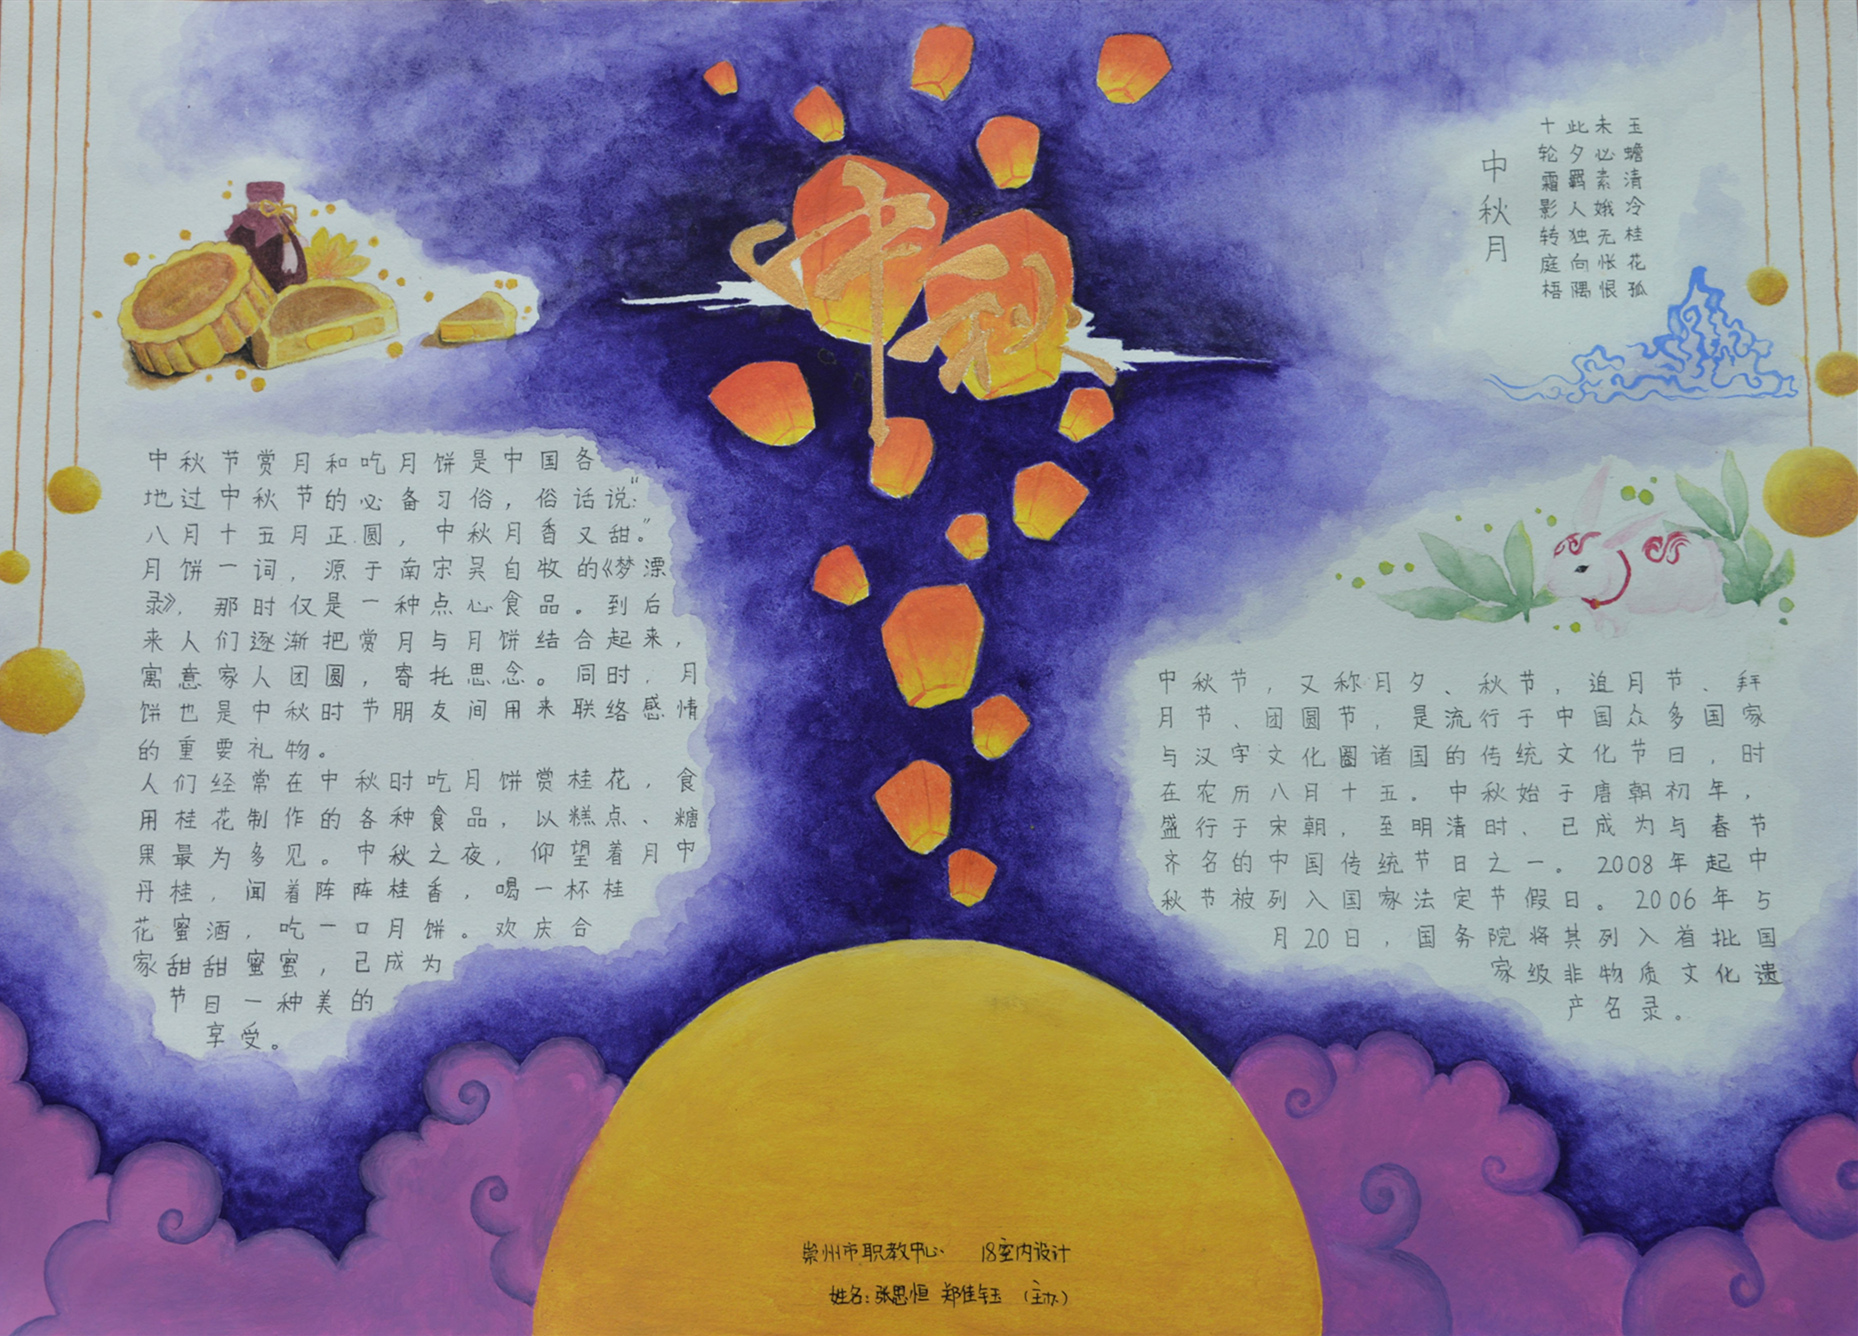 崇州市职业教育培训中心18室内设计班-郑佳钰、张思恒-《中秋月圆》